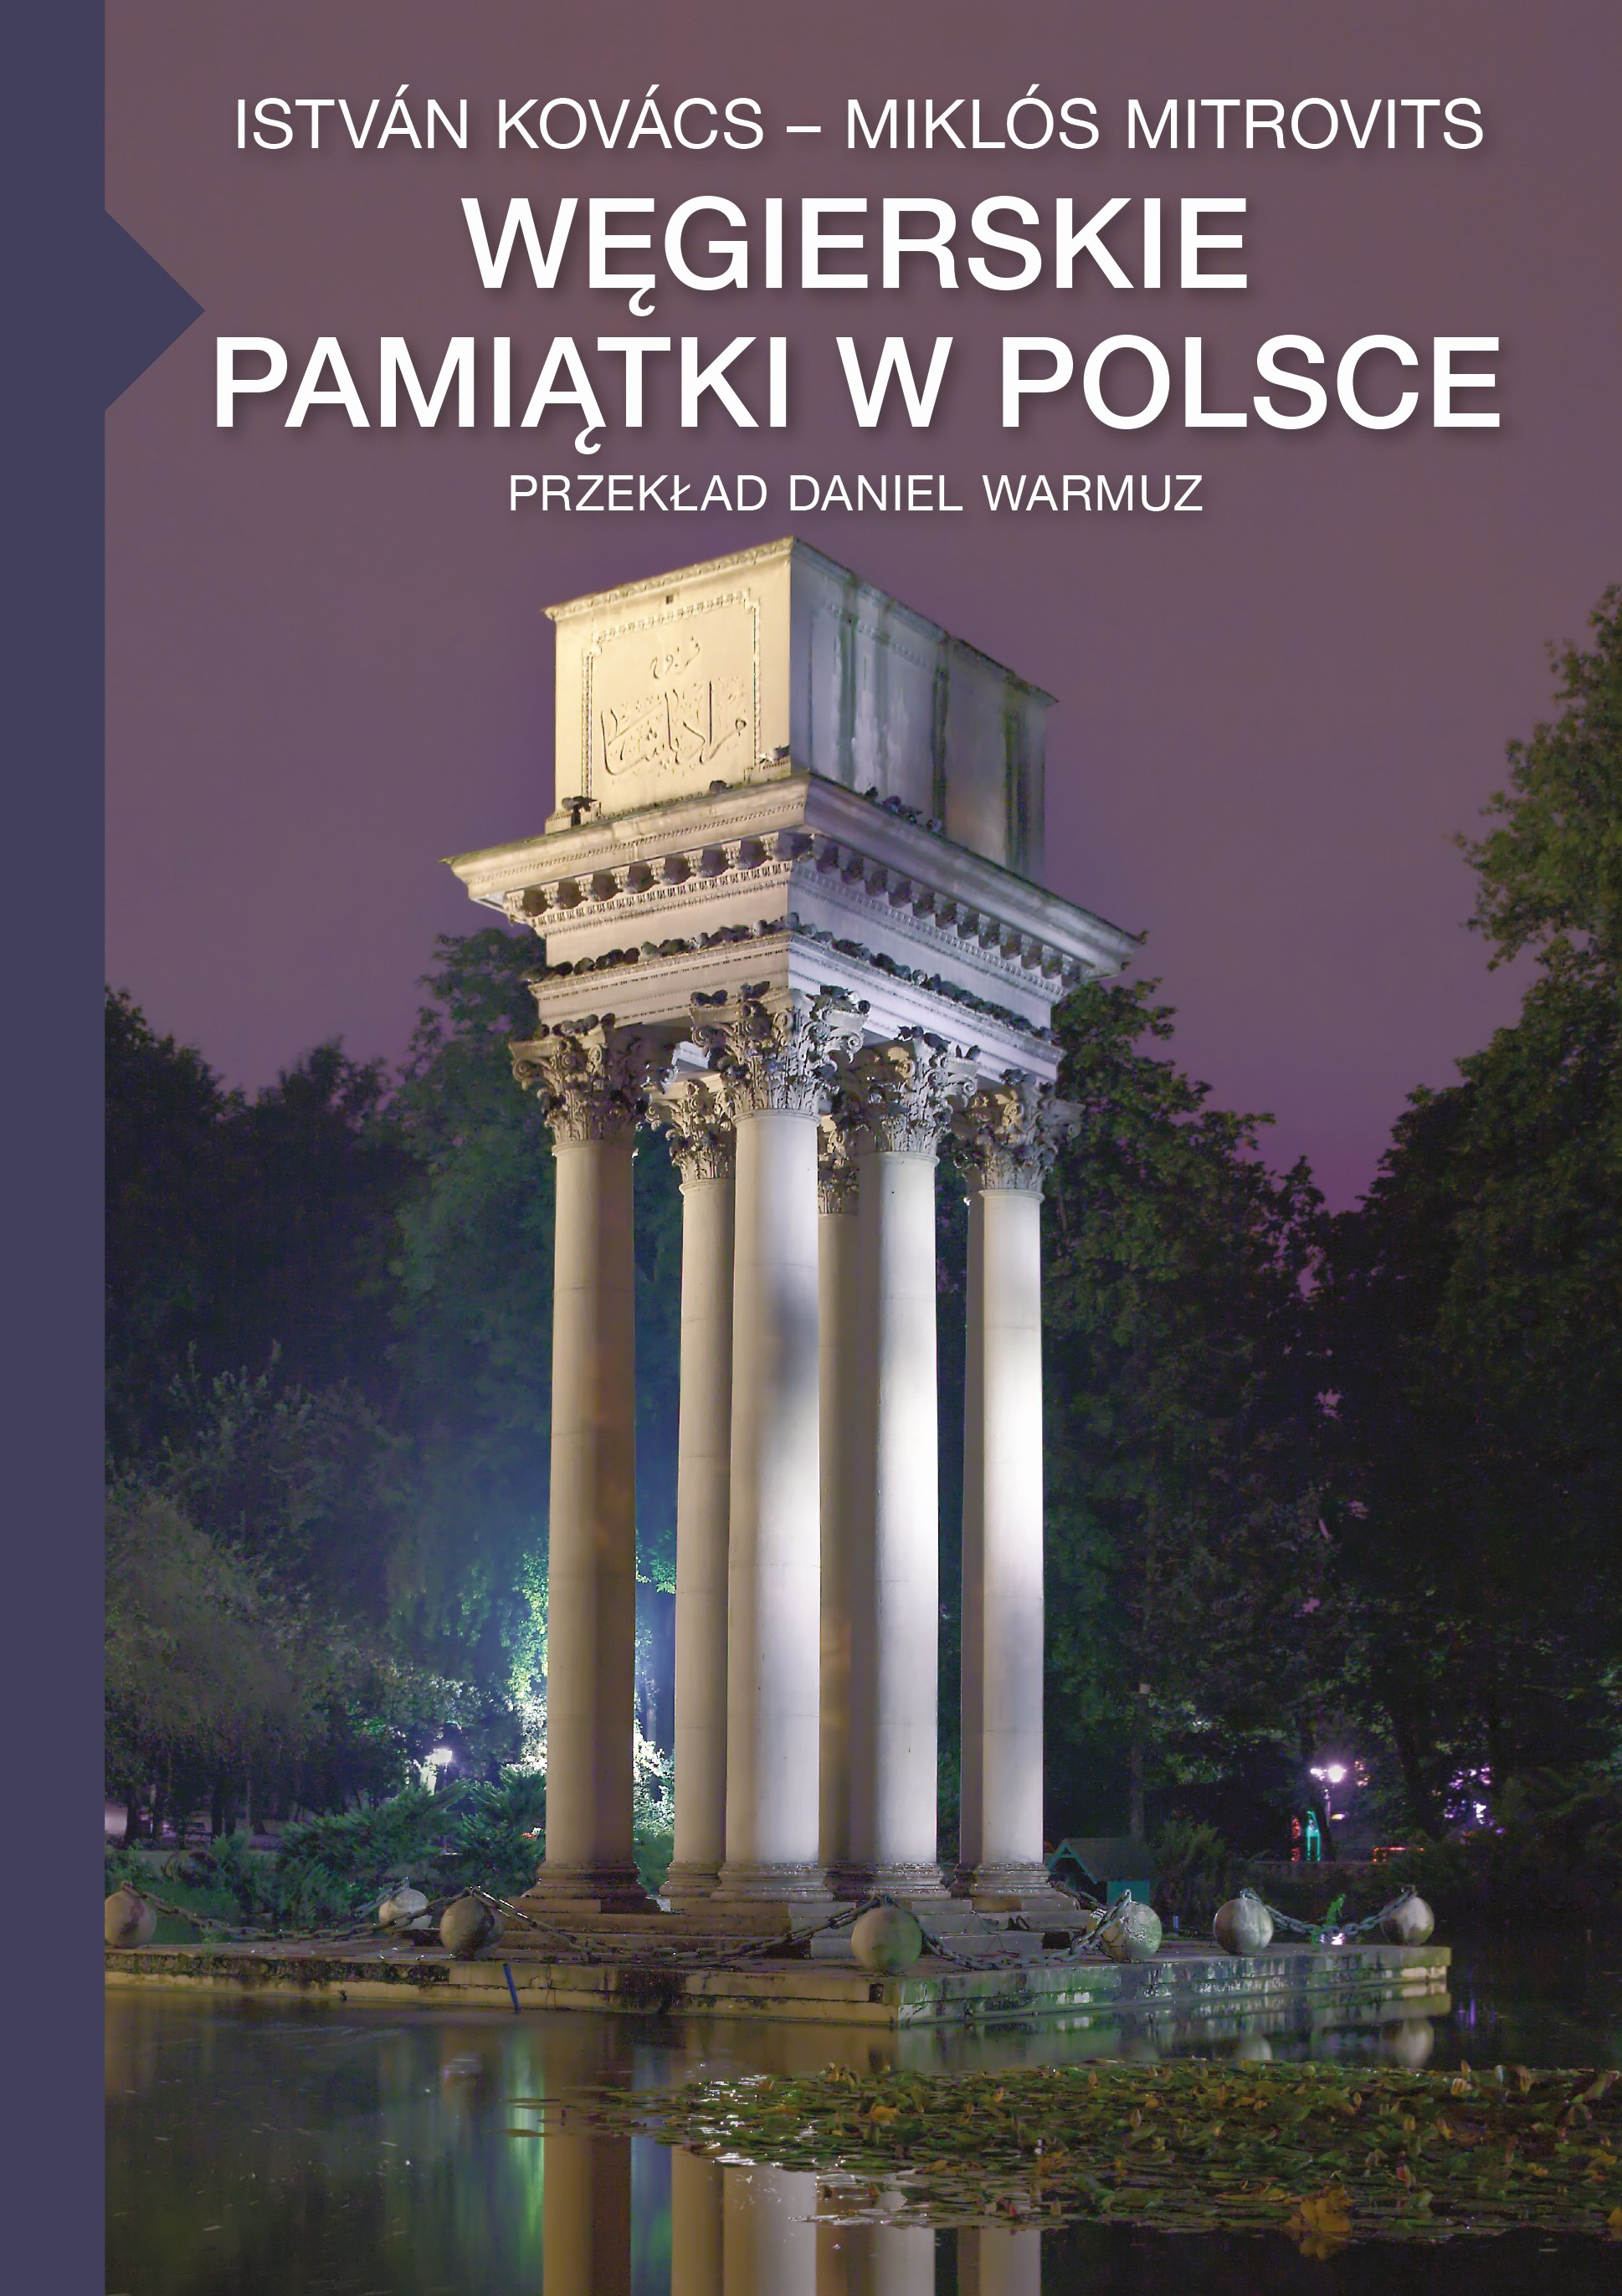 Mitrovits Miklós - Węgierskie pamiątki w polsce